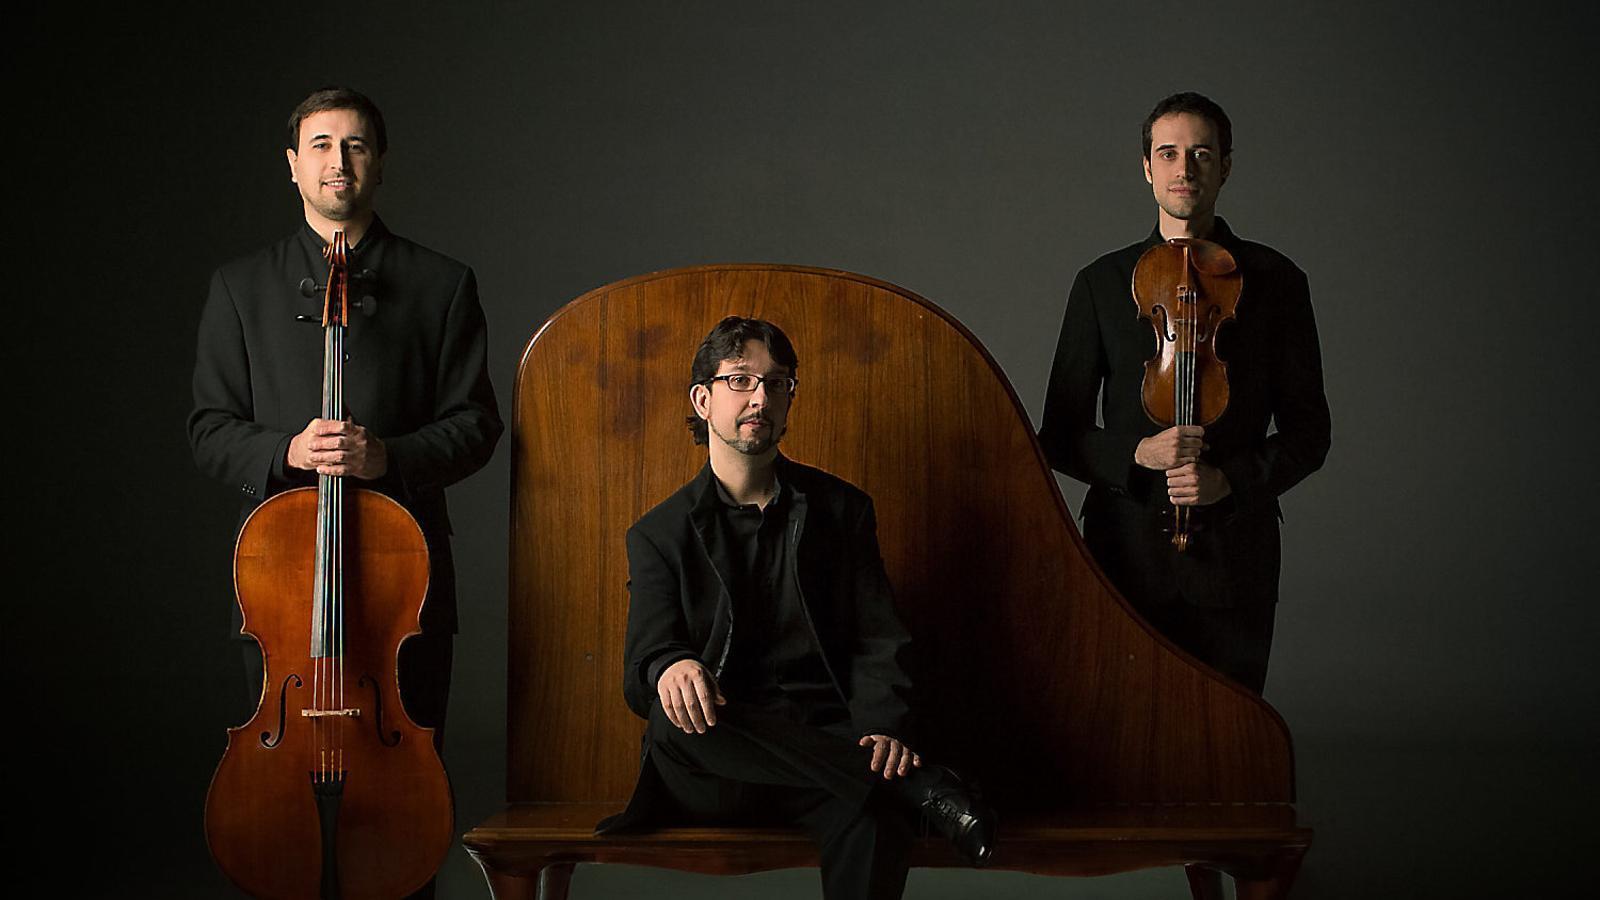 El tres components del Trio Pedrell: Ferran Bardolet, Jordi Humet i Christian Torres. / FICTA